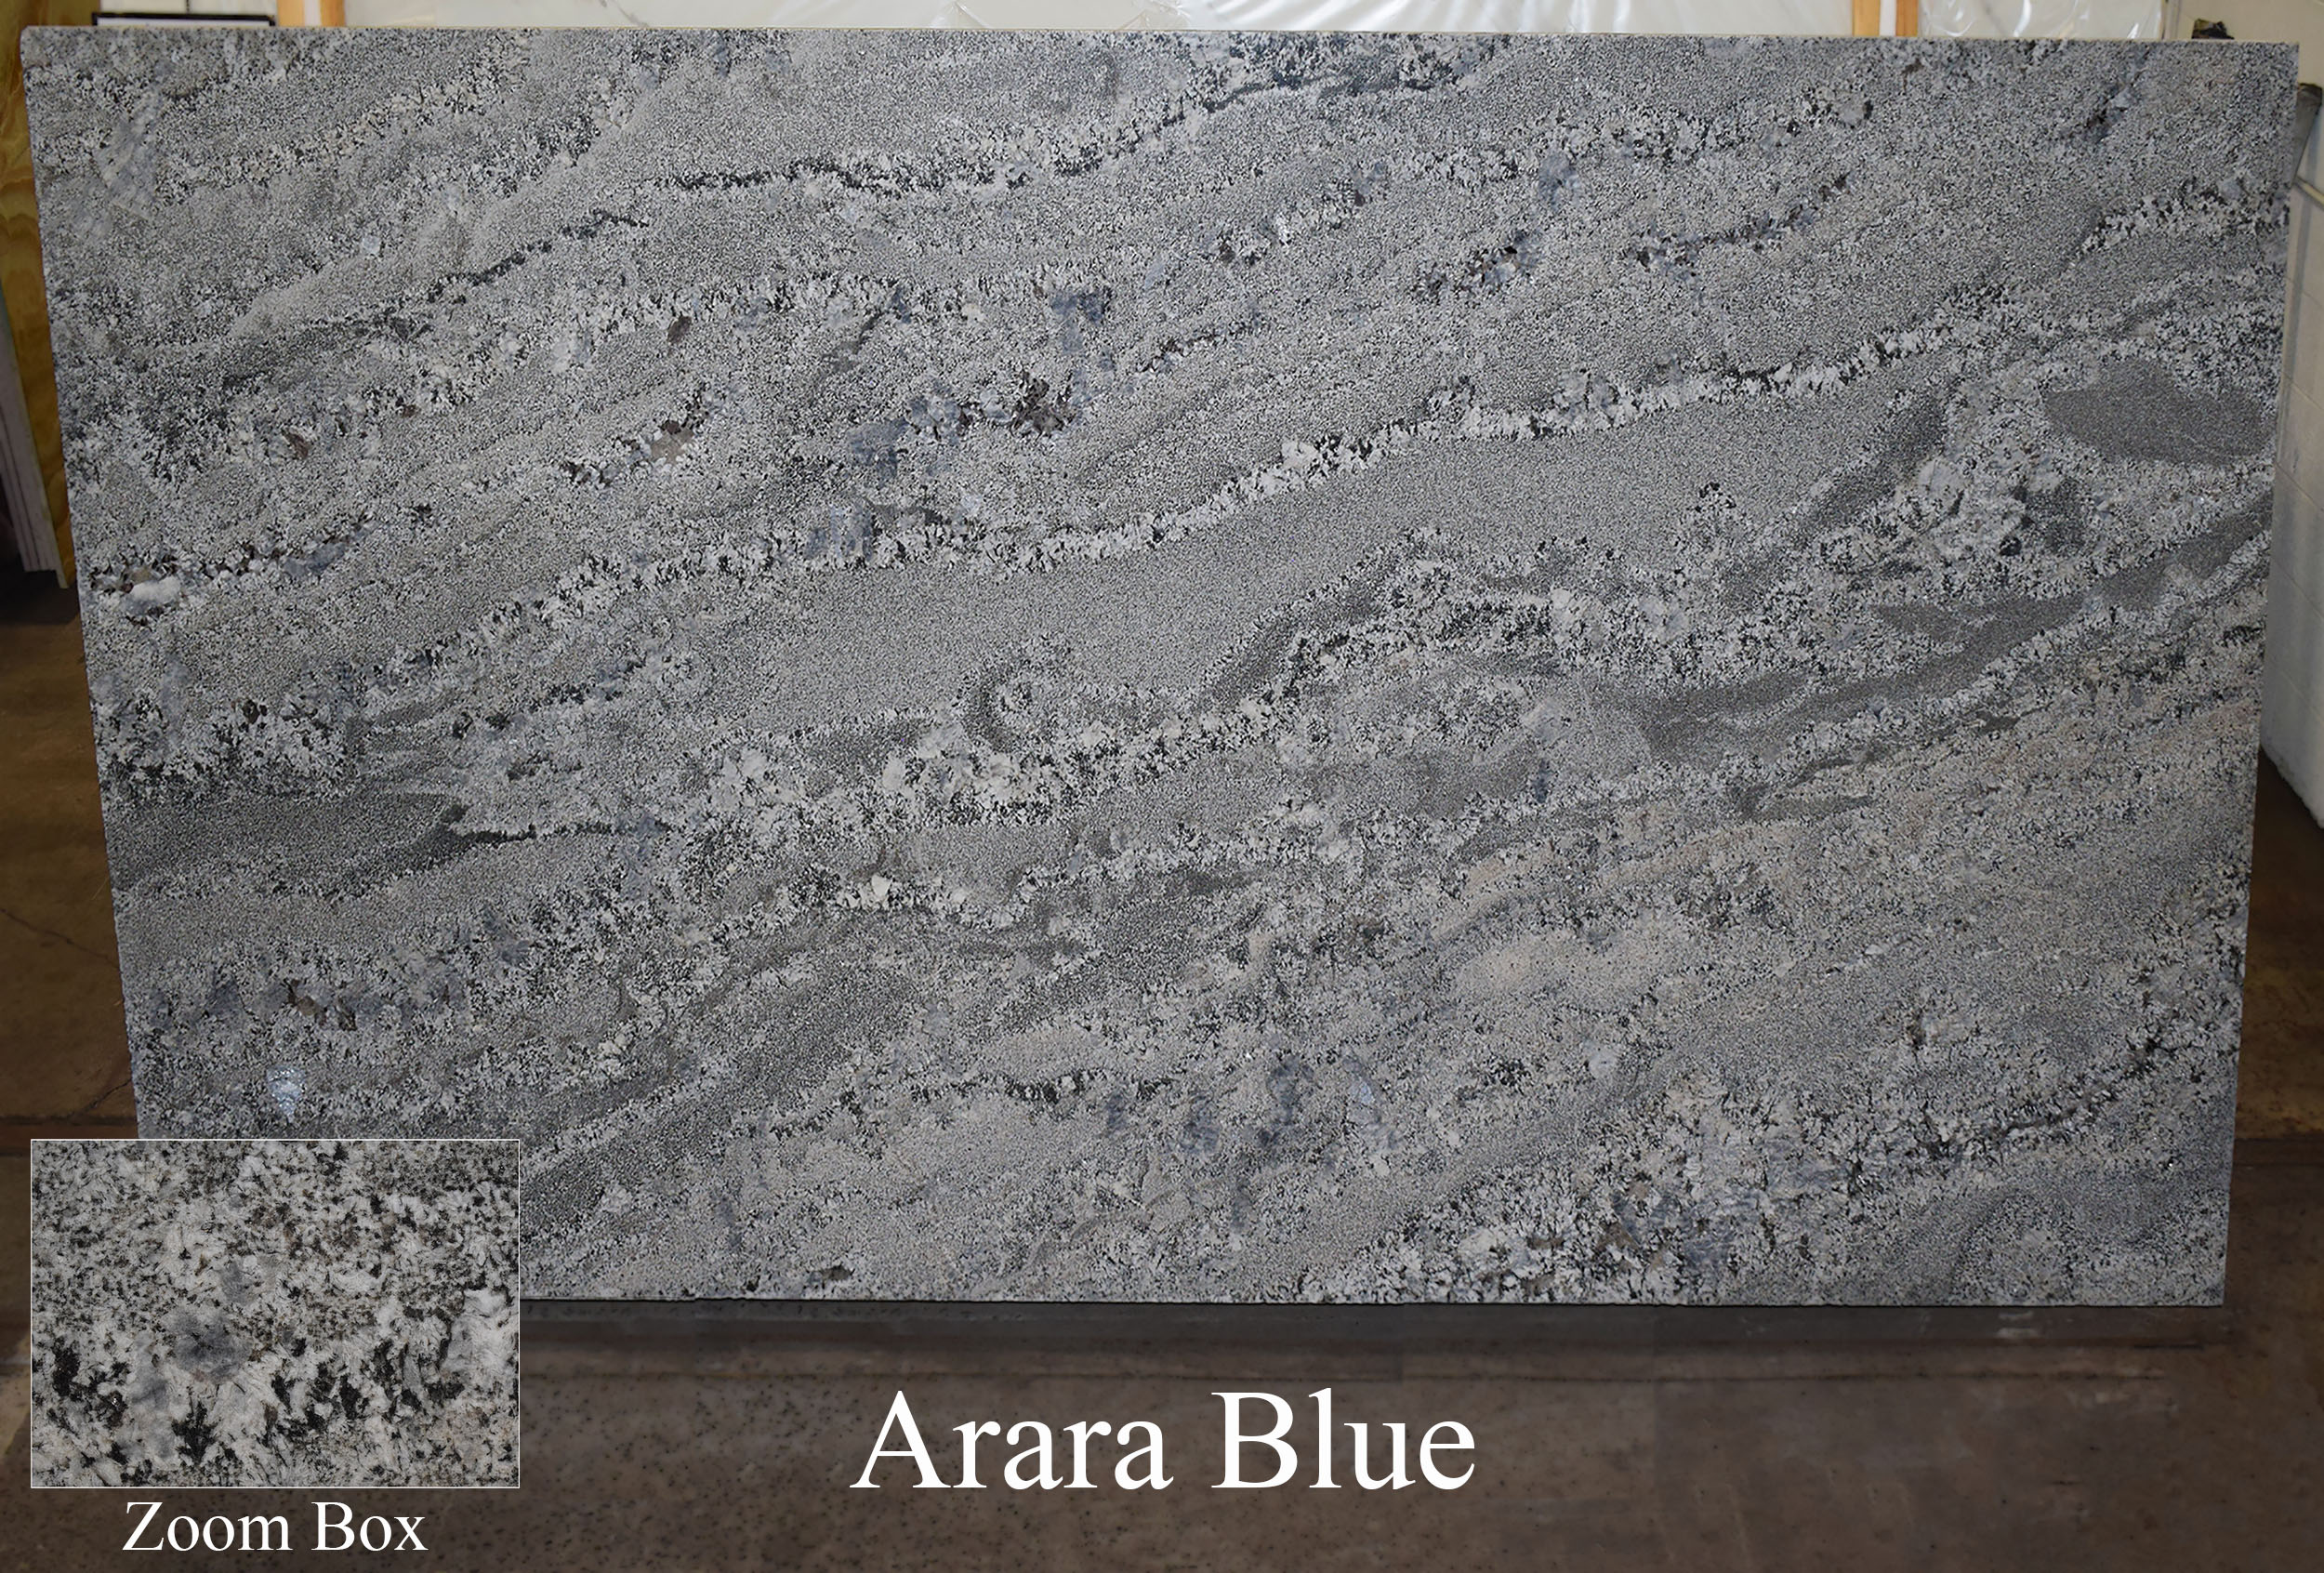 ARARA BLUE